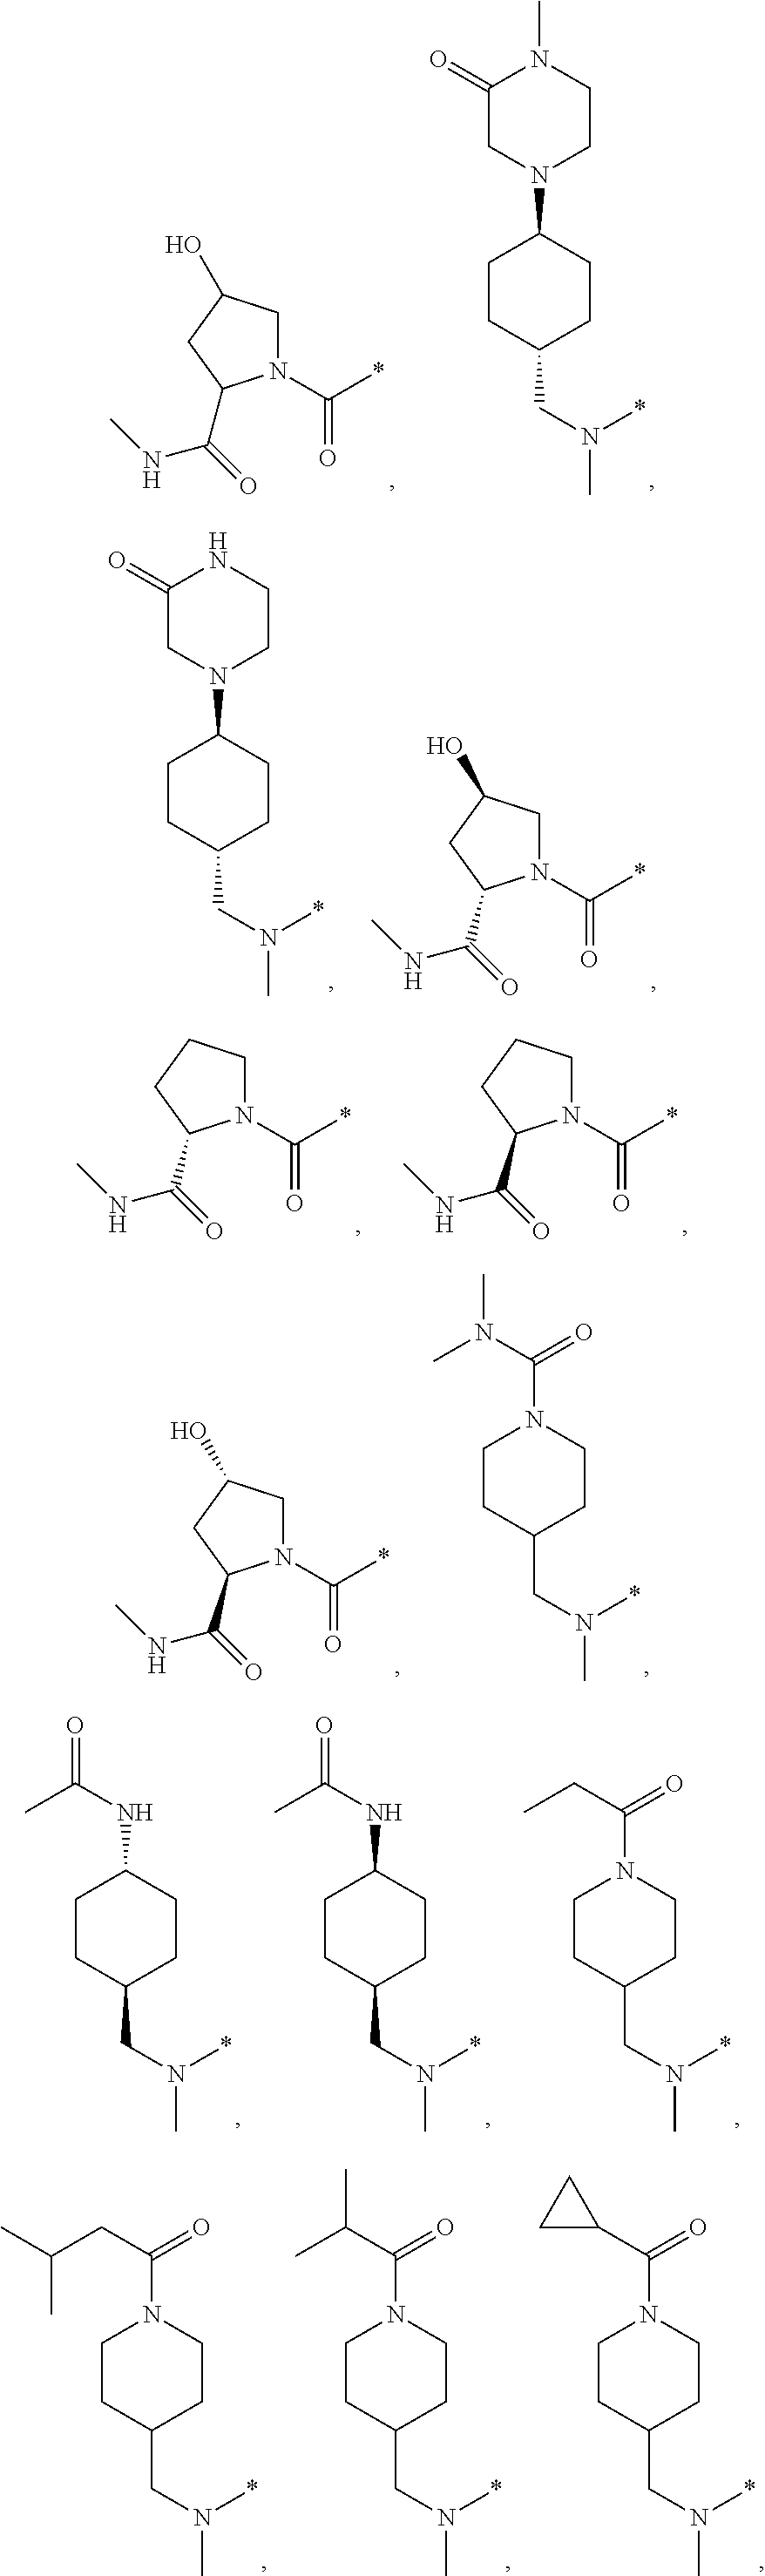 Figure US08440693-20130514-C00029